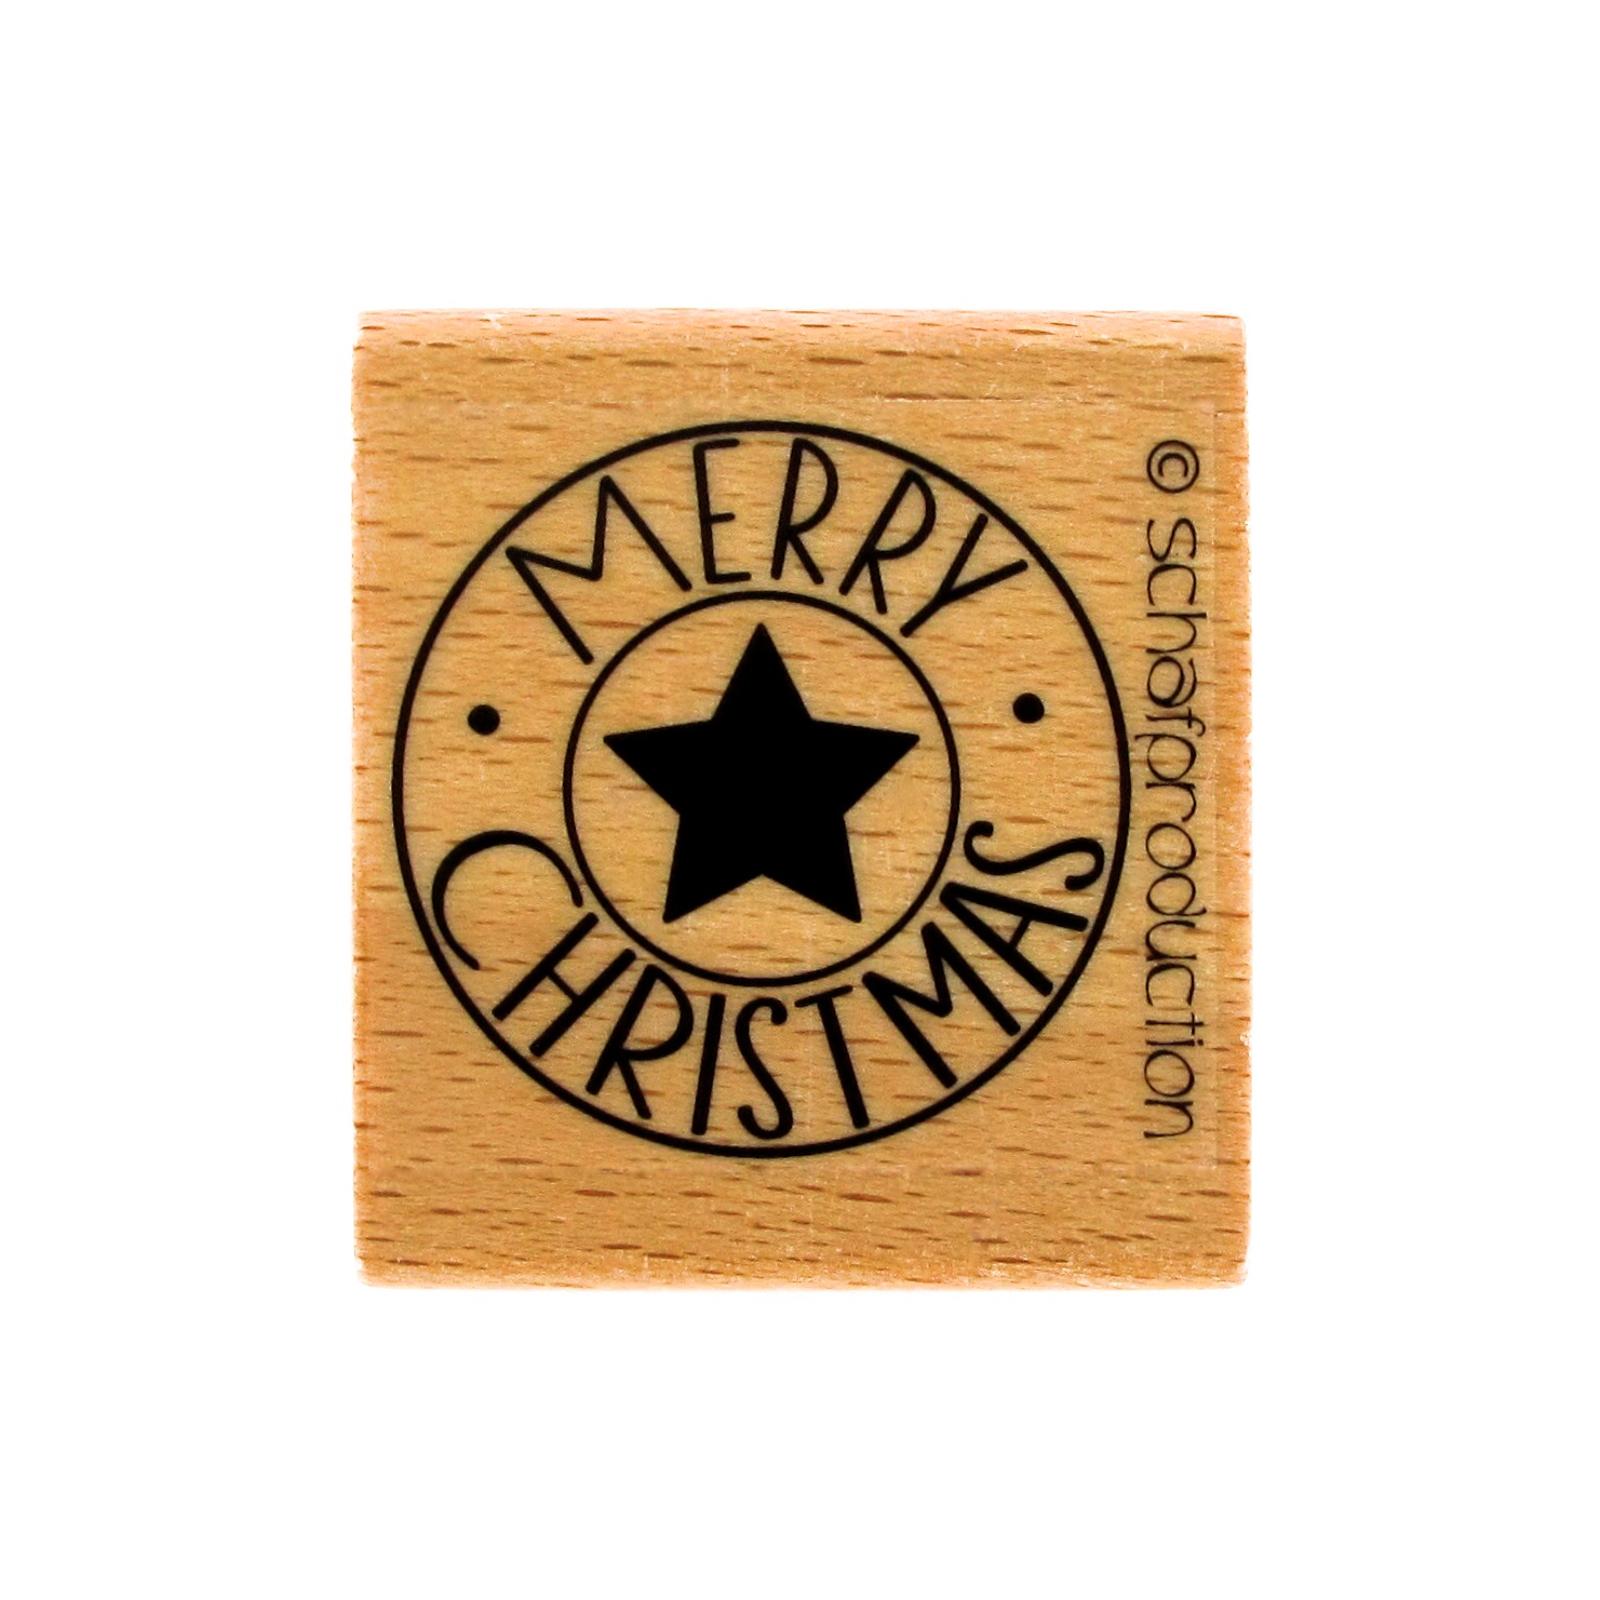 Motivstempel Merry Christmas für die Weihnachtszeit